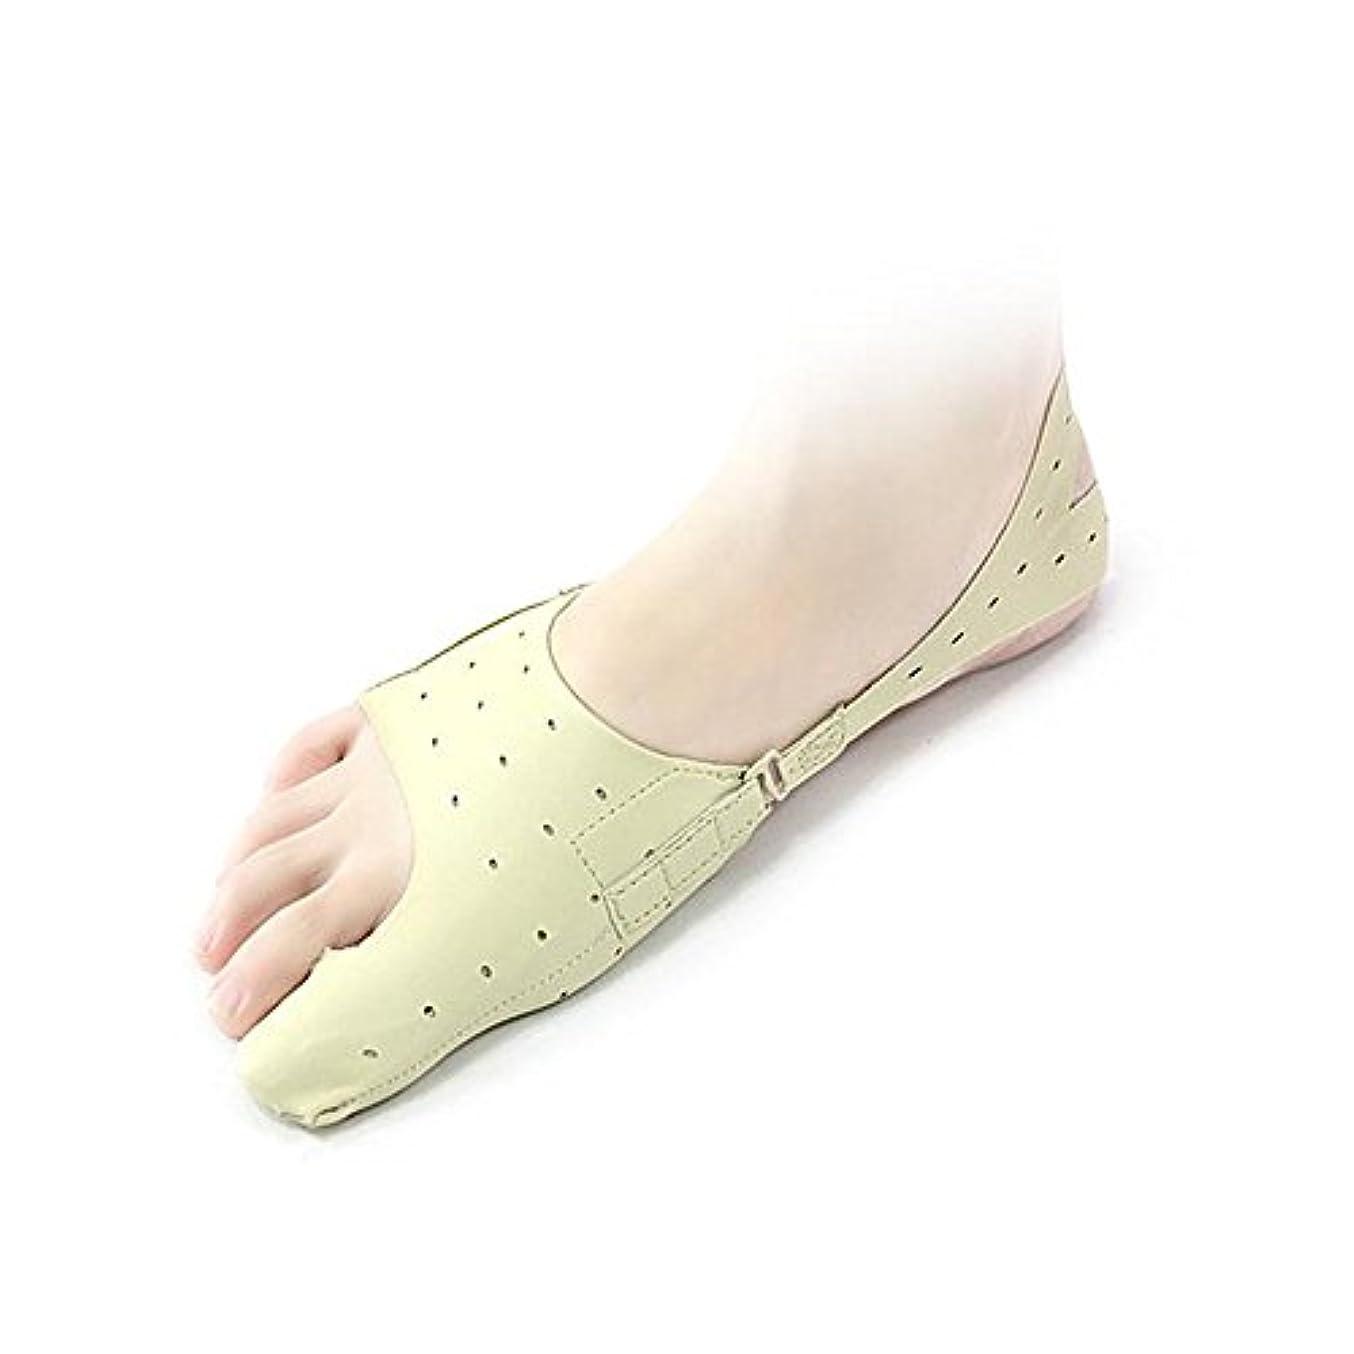 復活災害慢性的1組の腱膜矯正装置、調節可能な足矯正Seperators、仕立て屋腱膜リリーフソックススリーブ、足のつま先プロテクターストレートフットボールのクッションビッグトゥスペーサー - ハンマー重複つま先